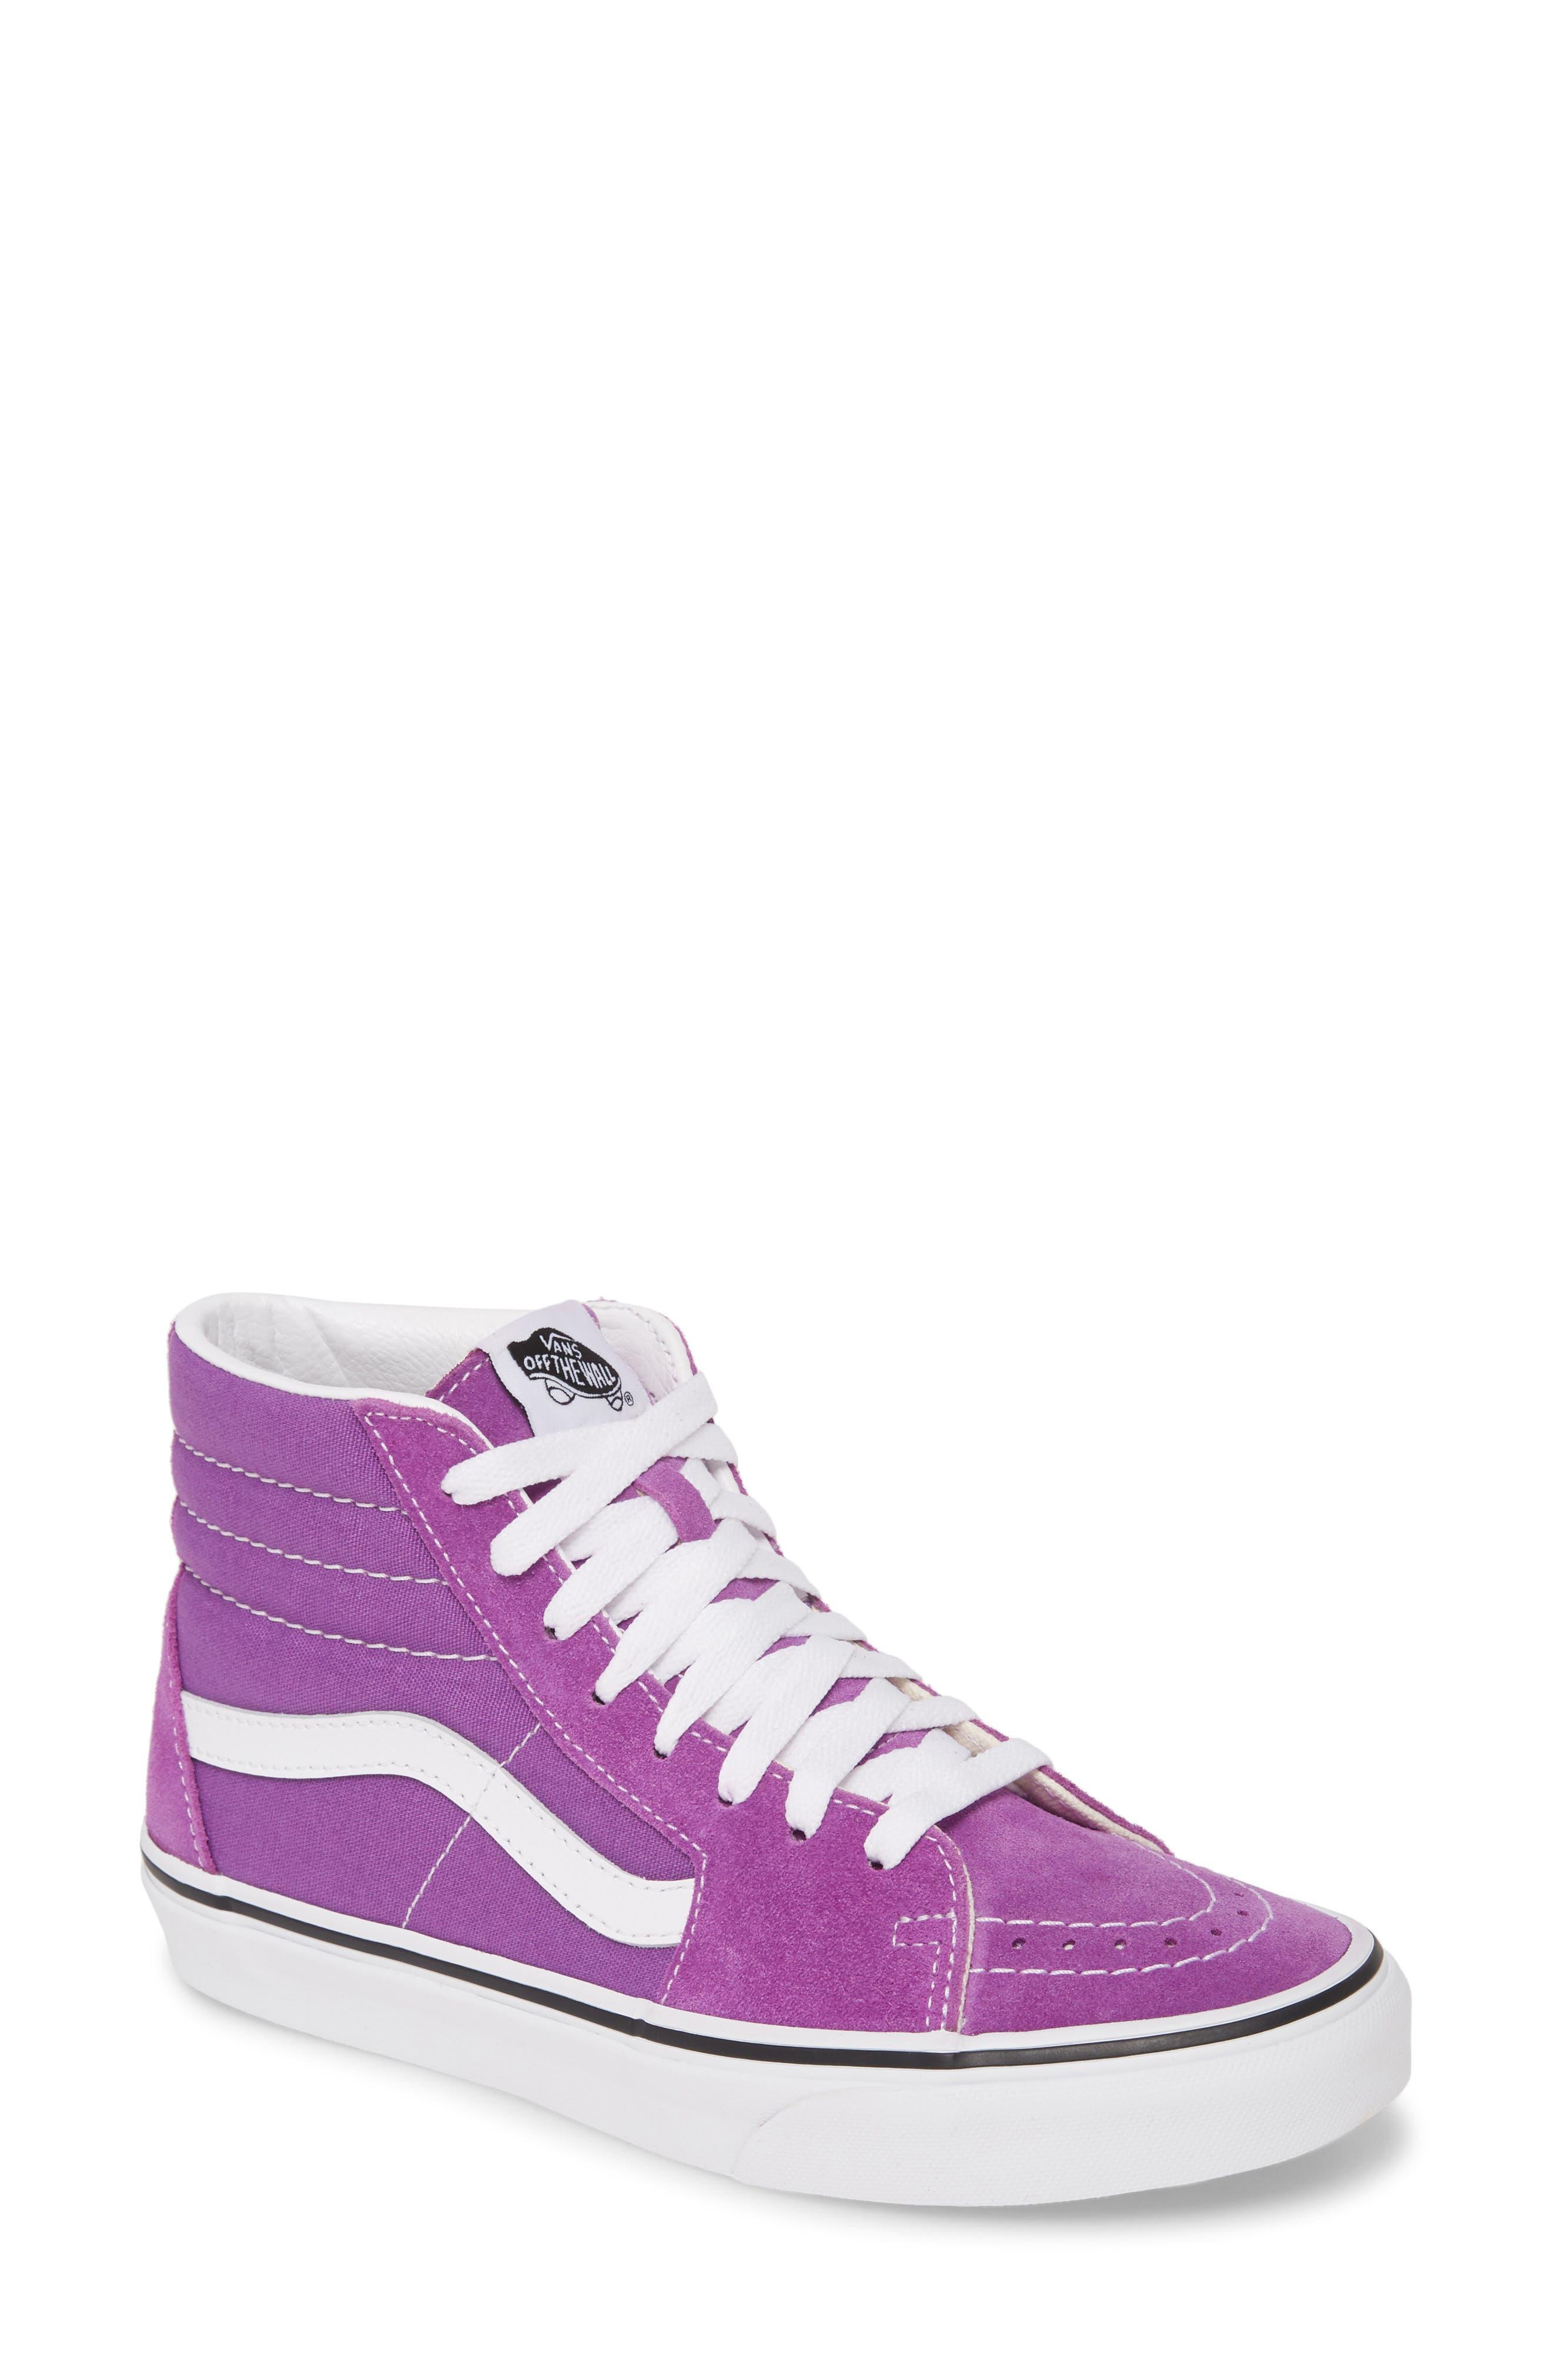 Purple Vans | Nordstrom